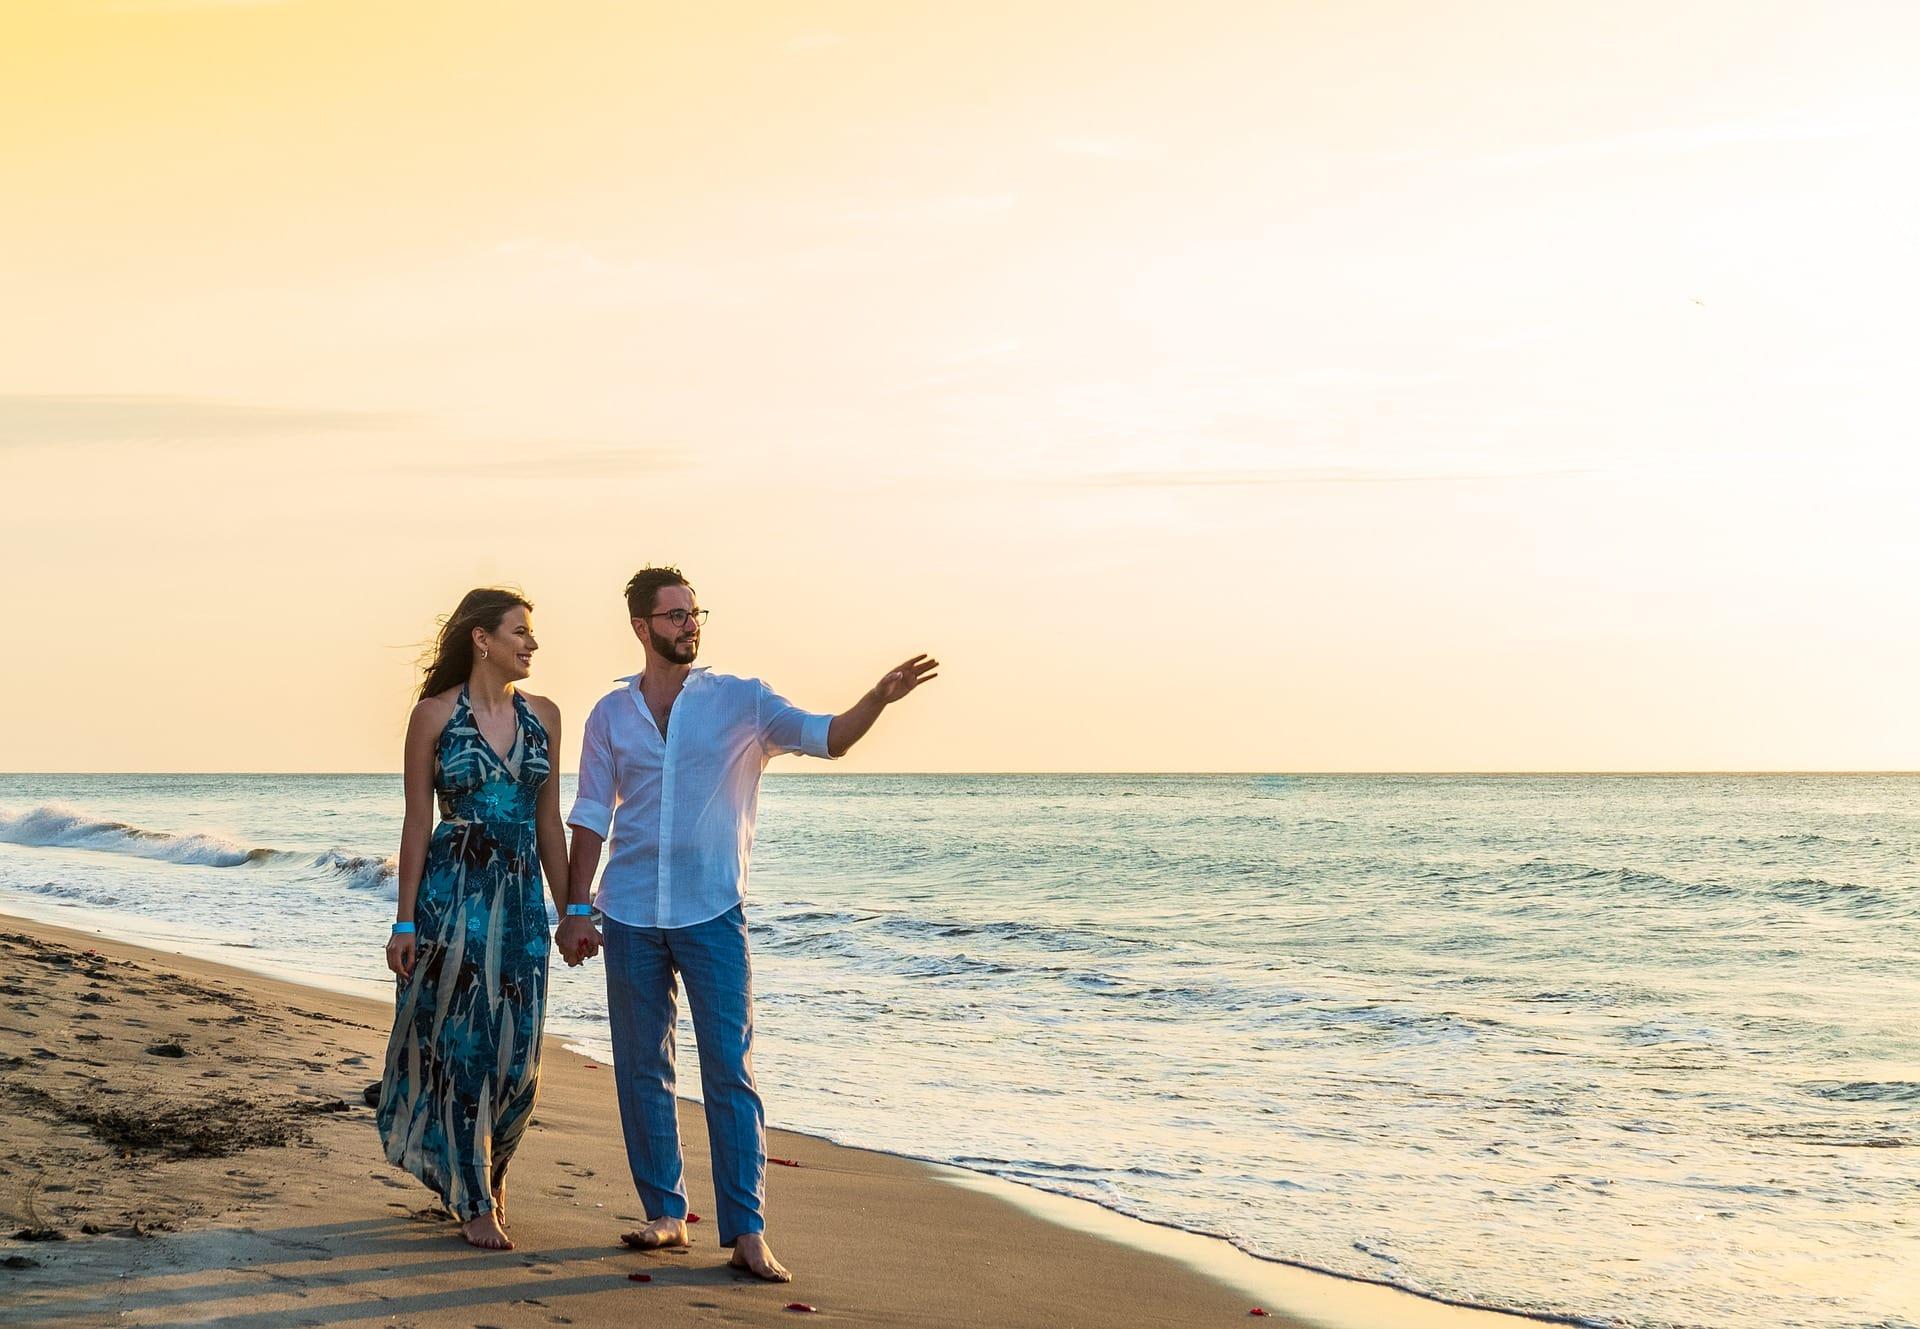 Важнее для отношений создать здоровую и гармоничную атмосферу в браке